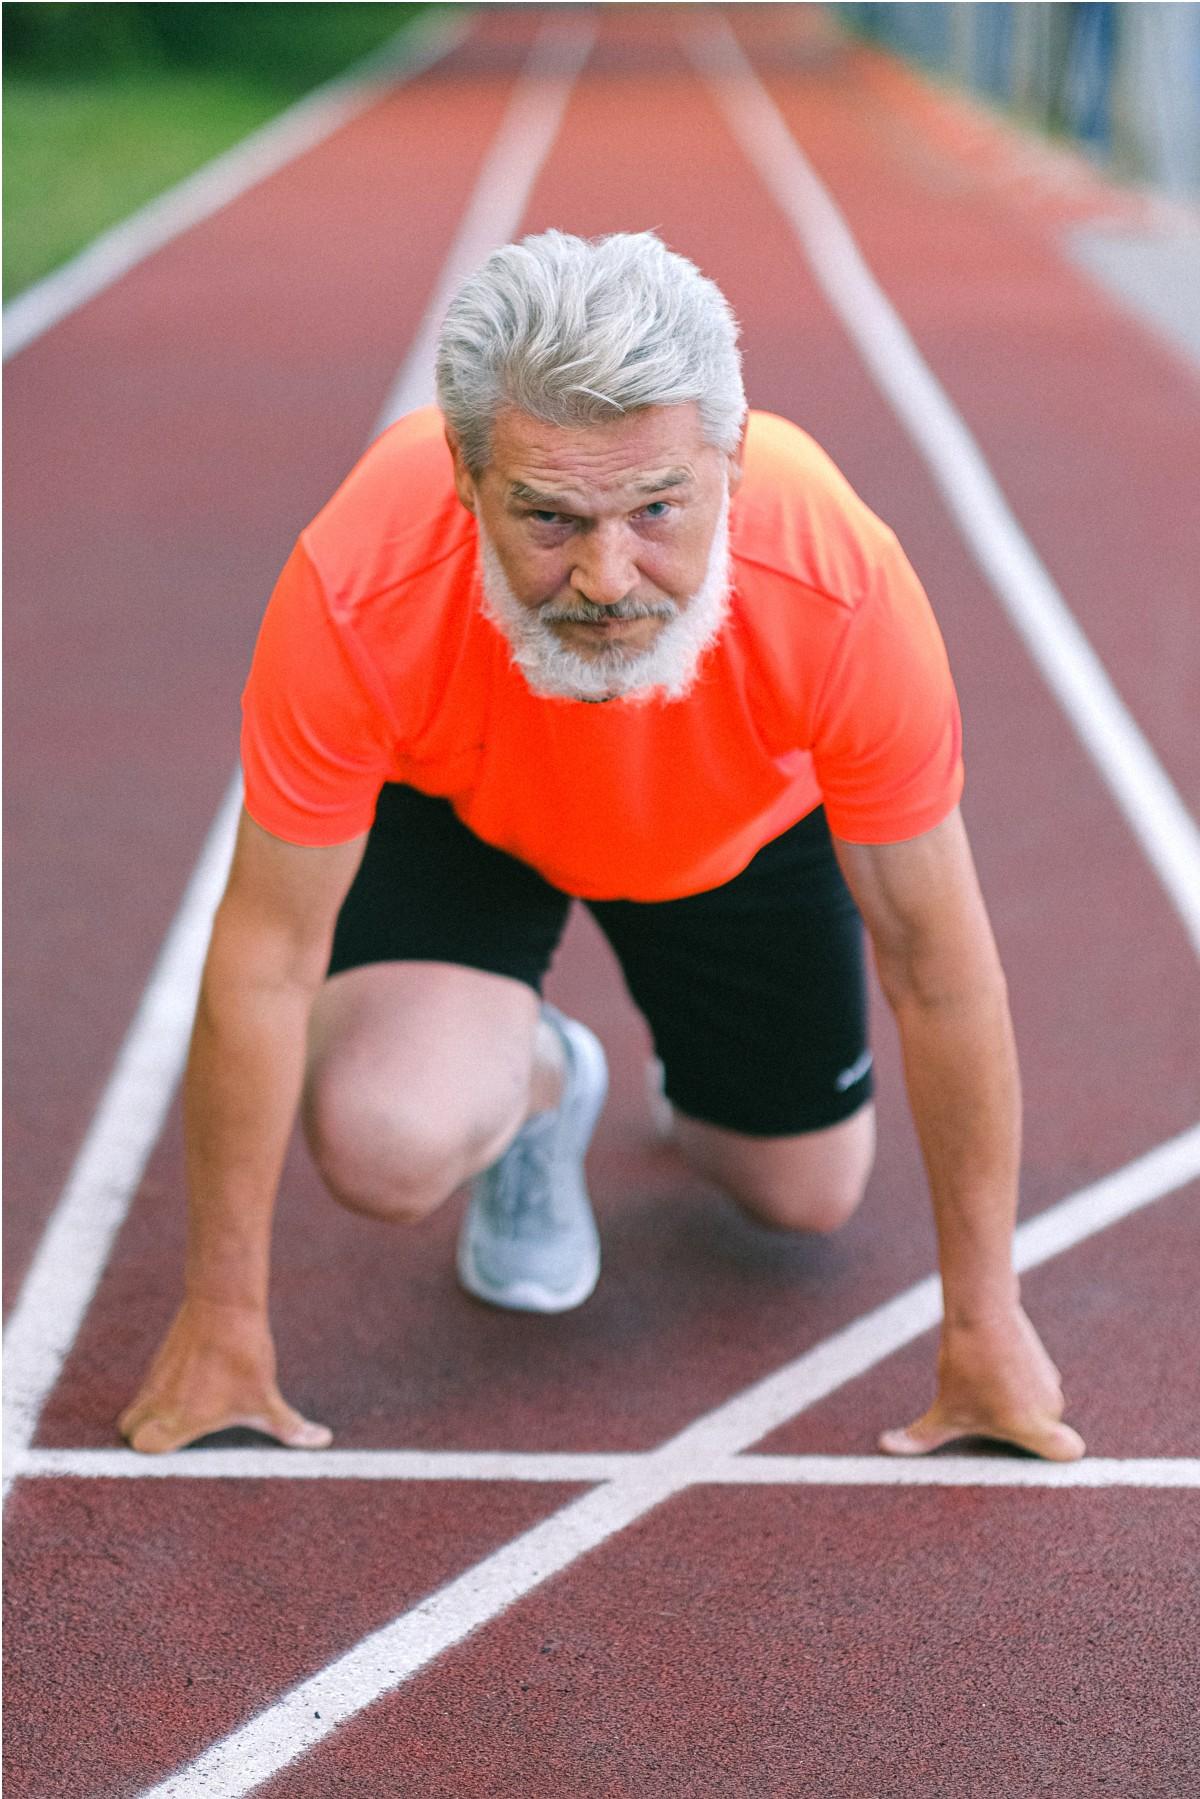 Activités physiques et sportives - Séniors